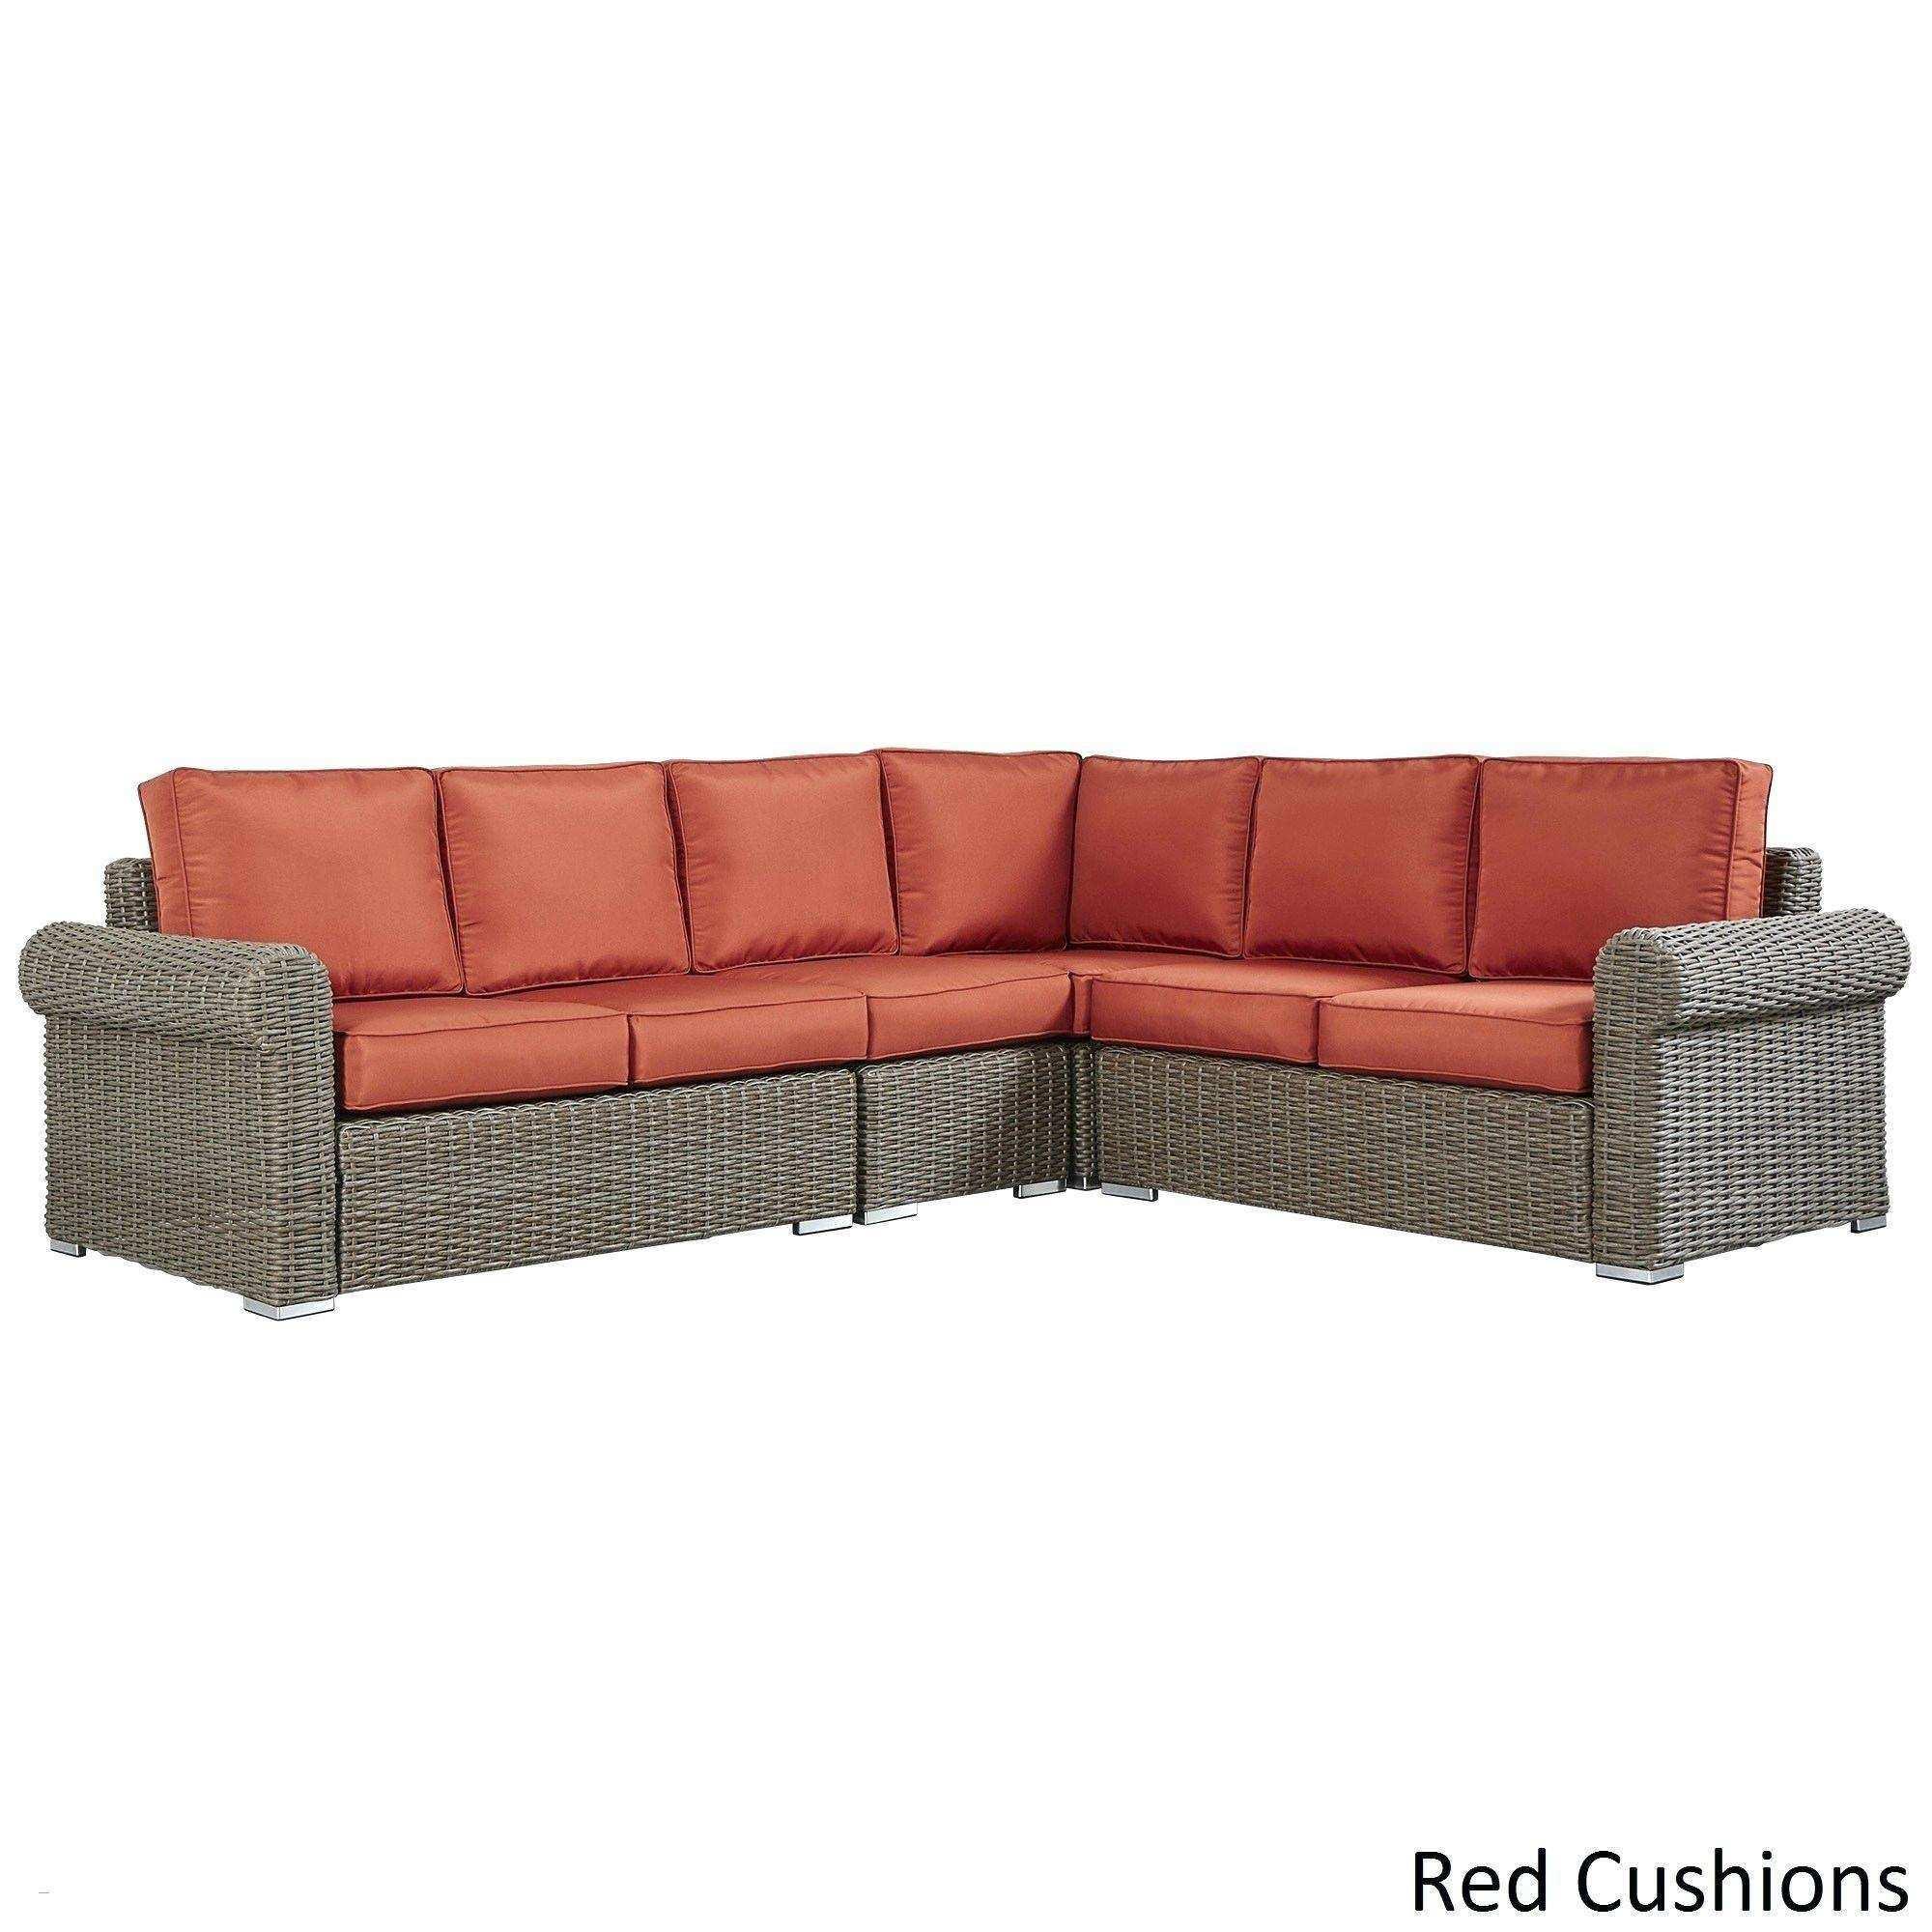 garten couch gunstig schon couch gnstig good couch gnstig poco meinung von gunstig sofa kaufen of gunstig sofa kaufen